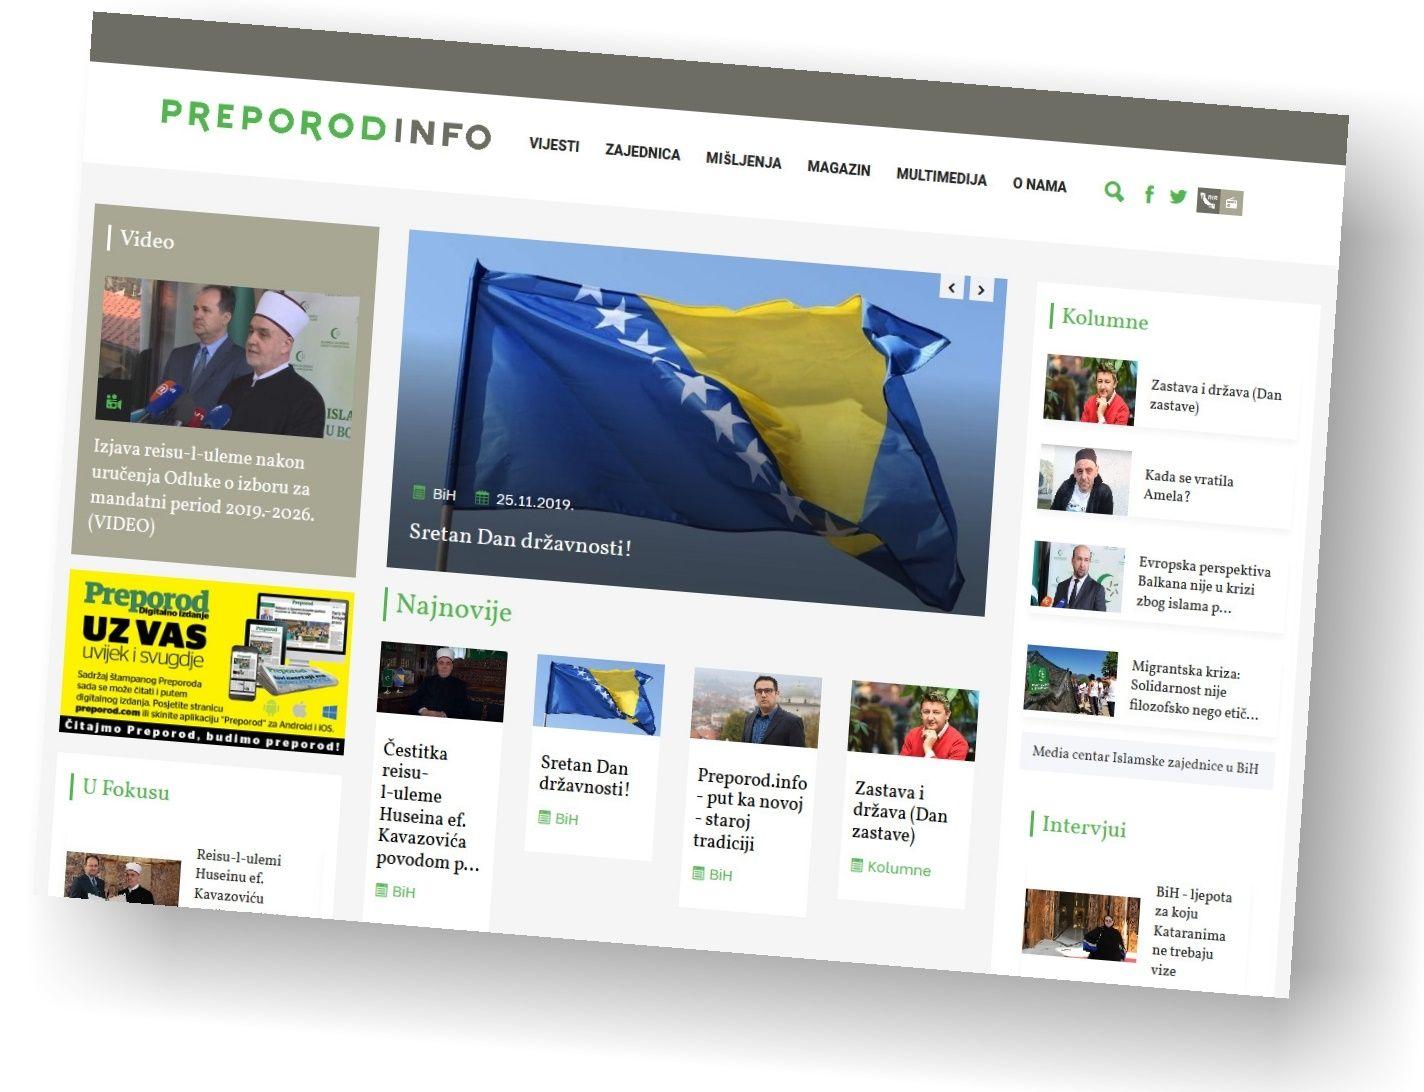 Dan državnosti uz novi portal Media centra Islamske zajednice Preporod.info